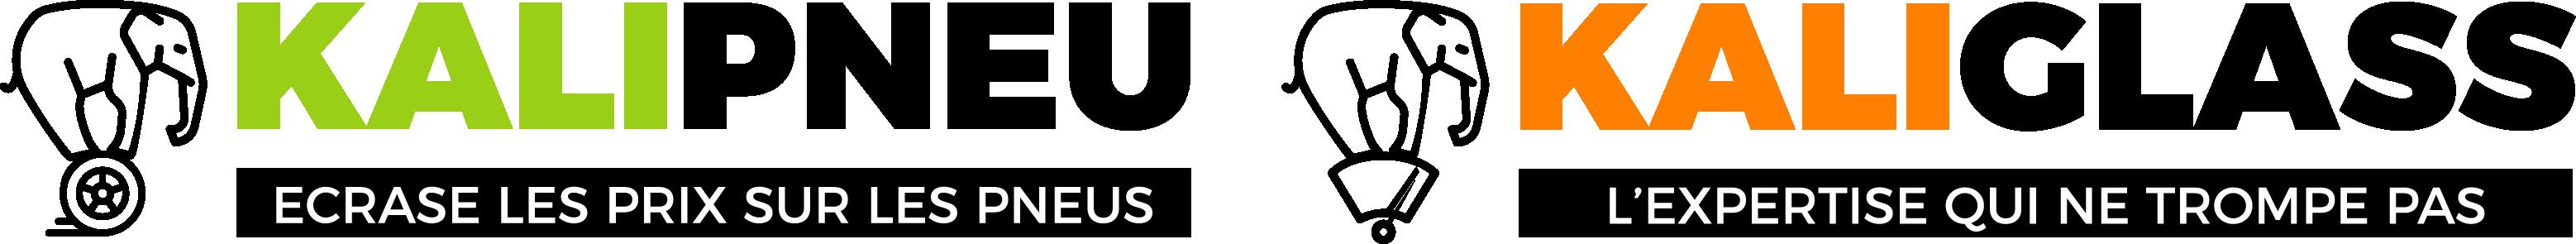 Kaliglass Kalipneu Wormhout Logo